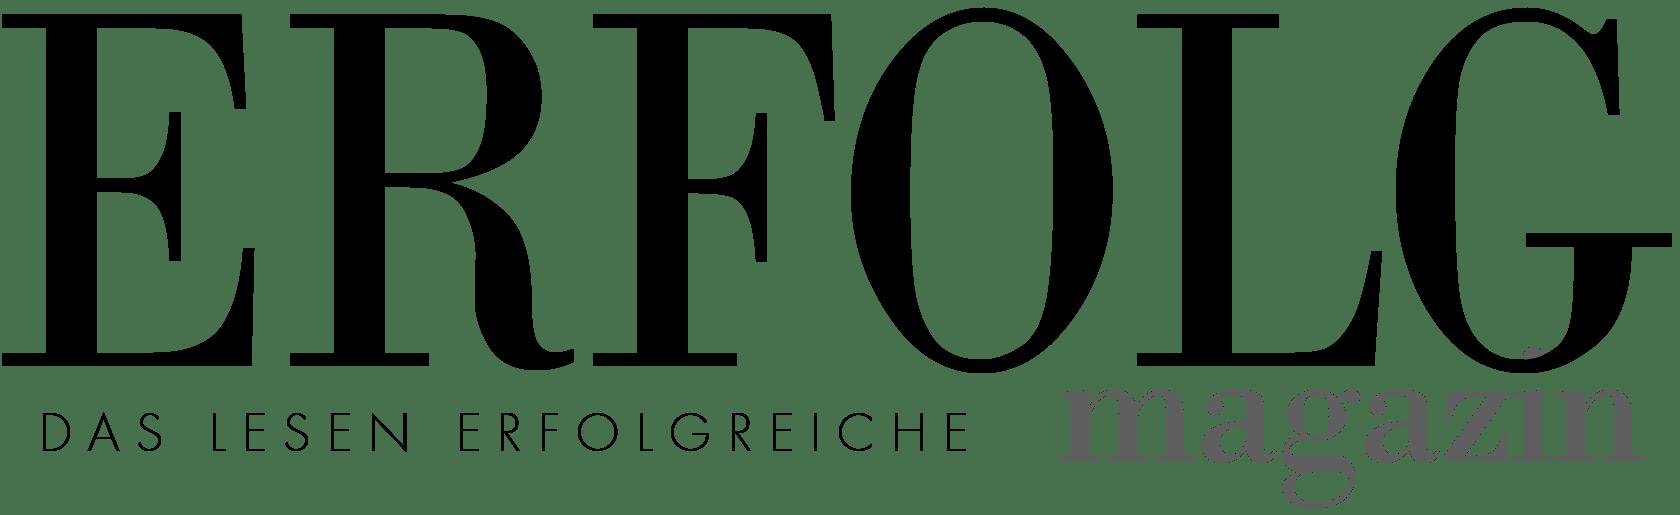 Erfolg Magazin für Erfolgreiche Logo